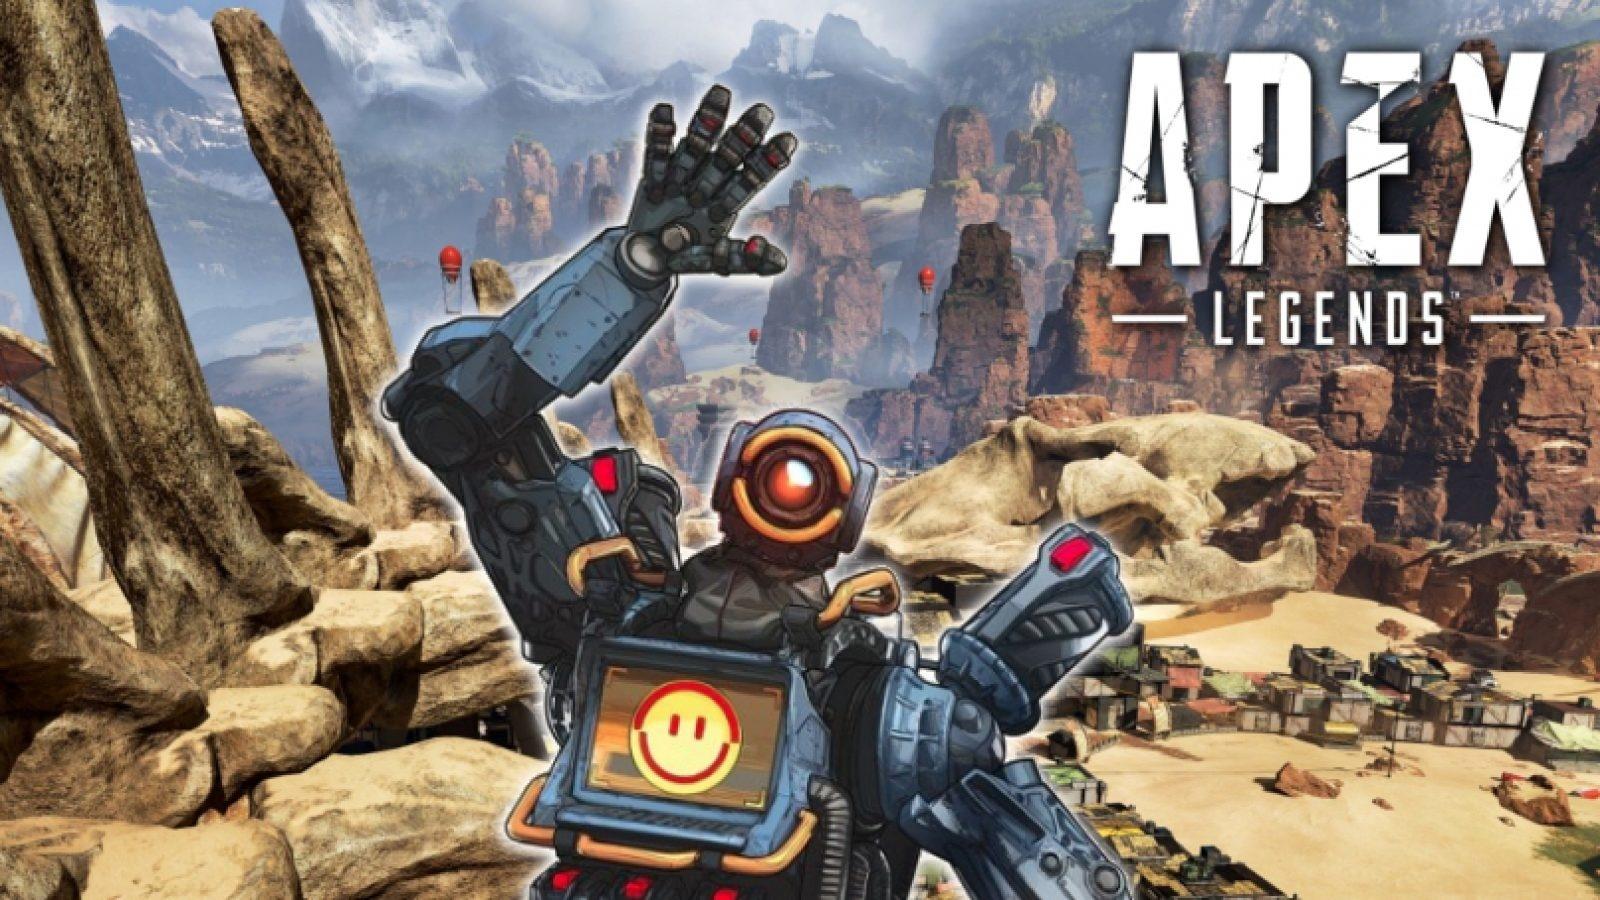 趣聞:《Apex Legends》在一年前就被洩露